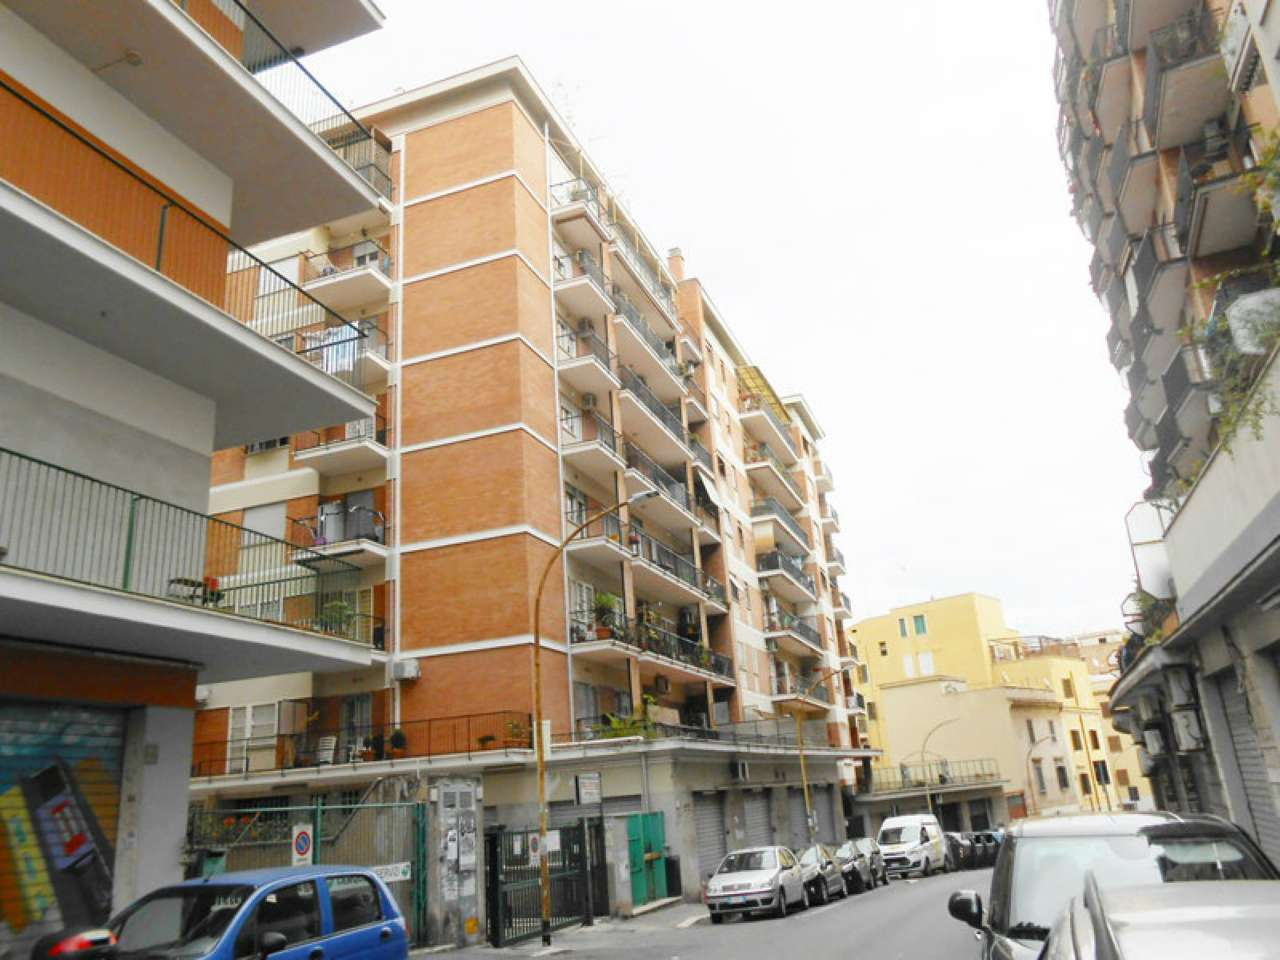 Appartamenti trilocali in affitto a roma for Appartamenti in affitto roma